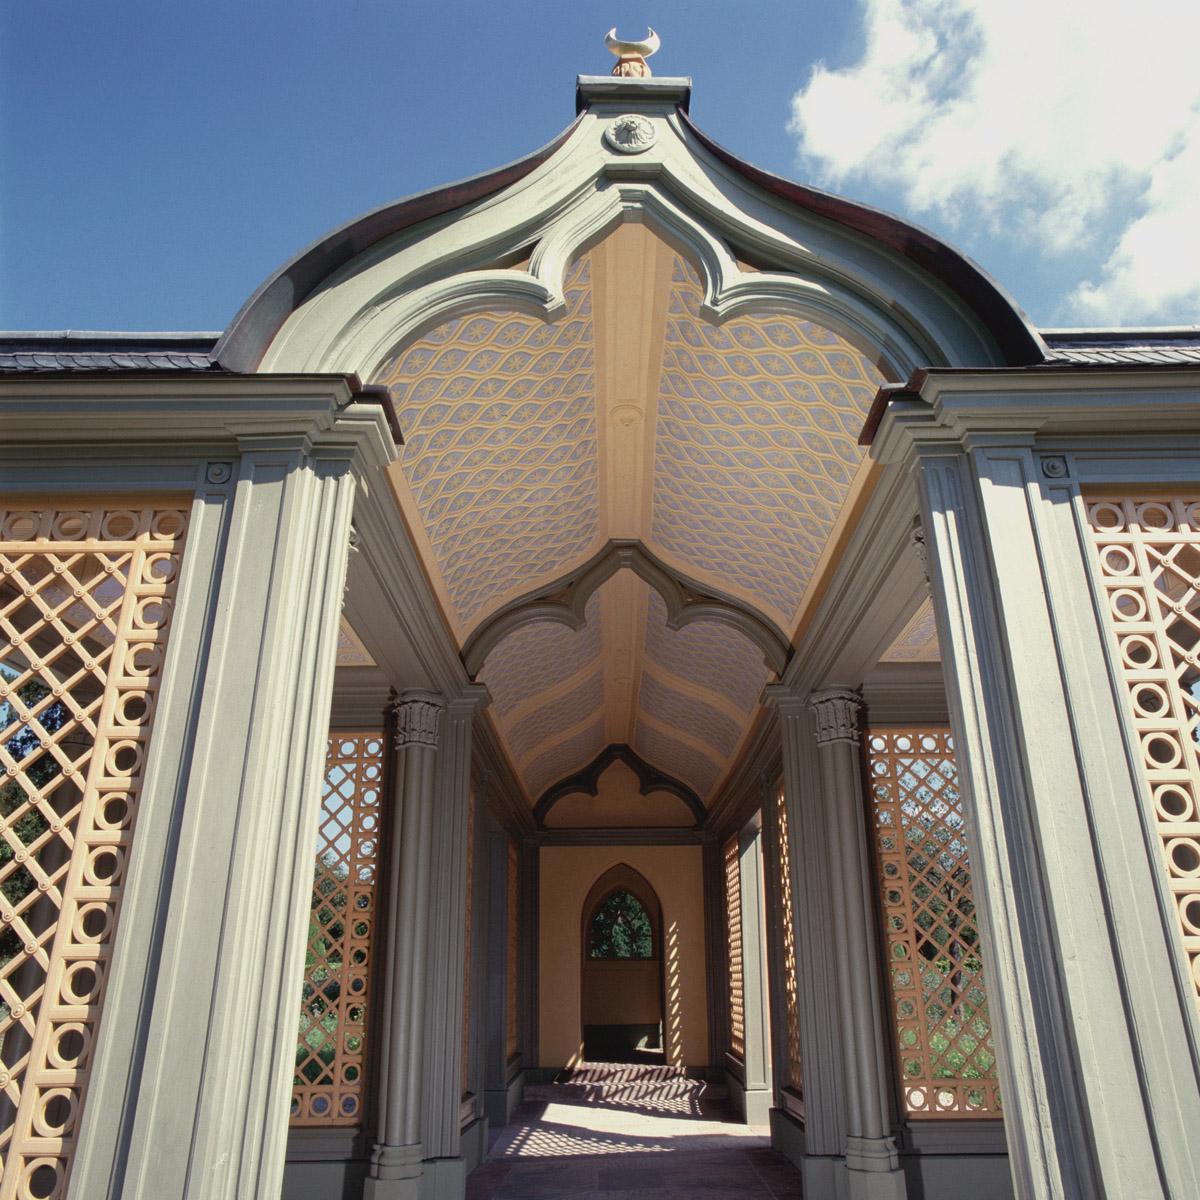 Schwetzingen Palace, aisle of the Mosque; Photo: Staatliche Schlösser und Gärten Baden-Württemberg, Steffen Hauswirth